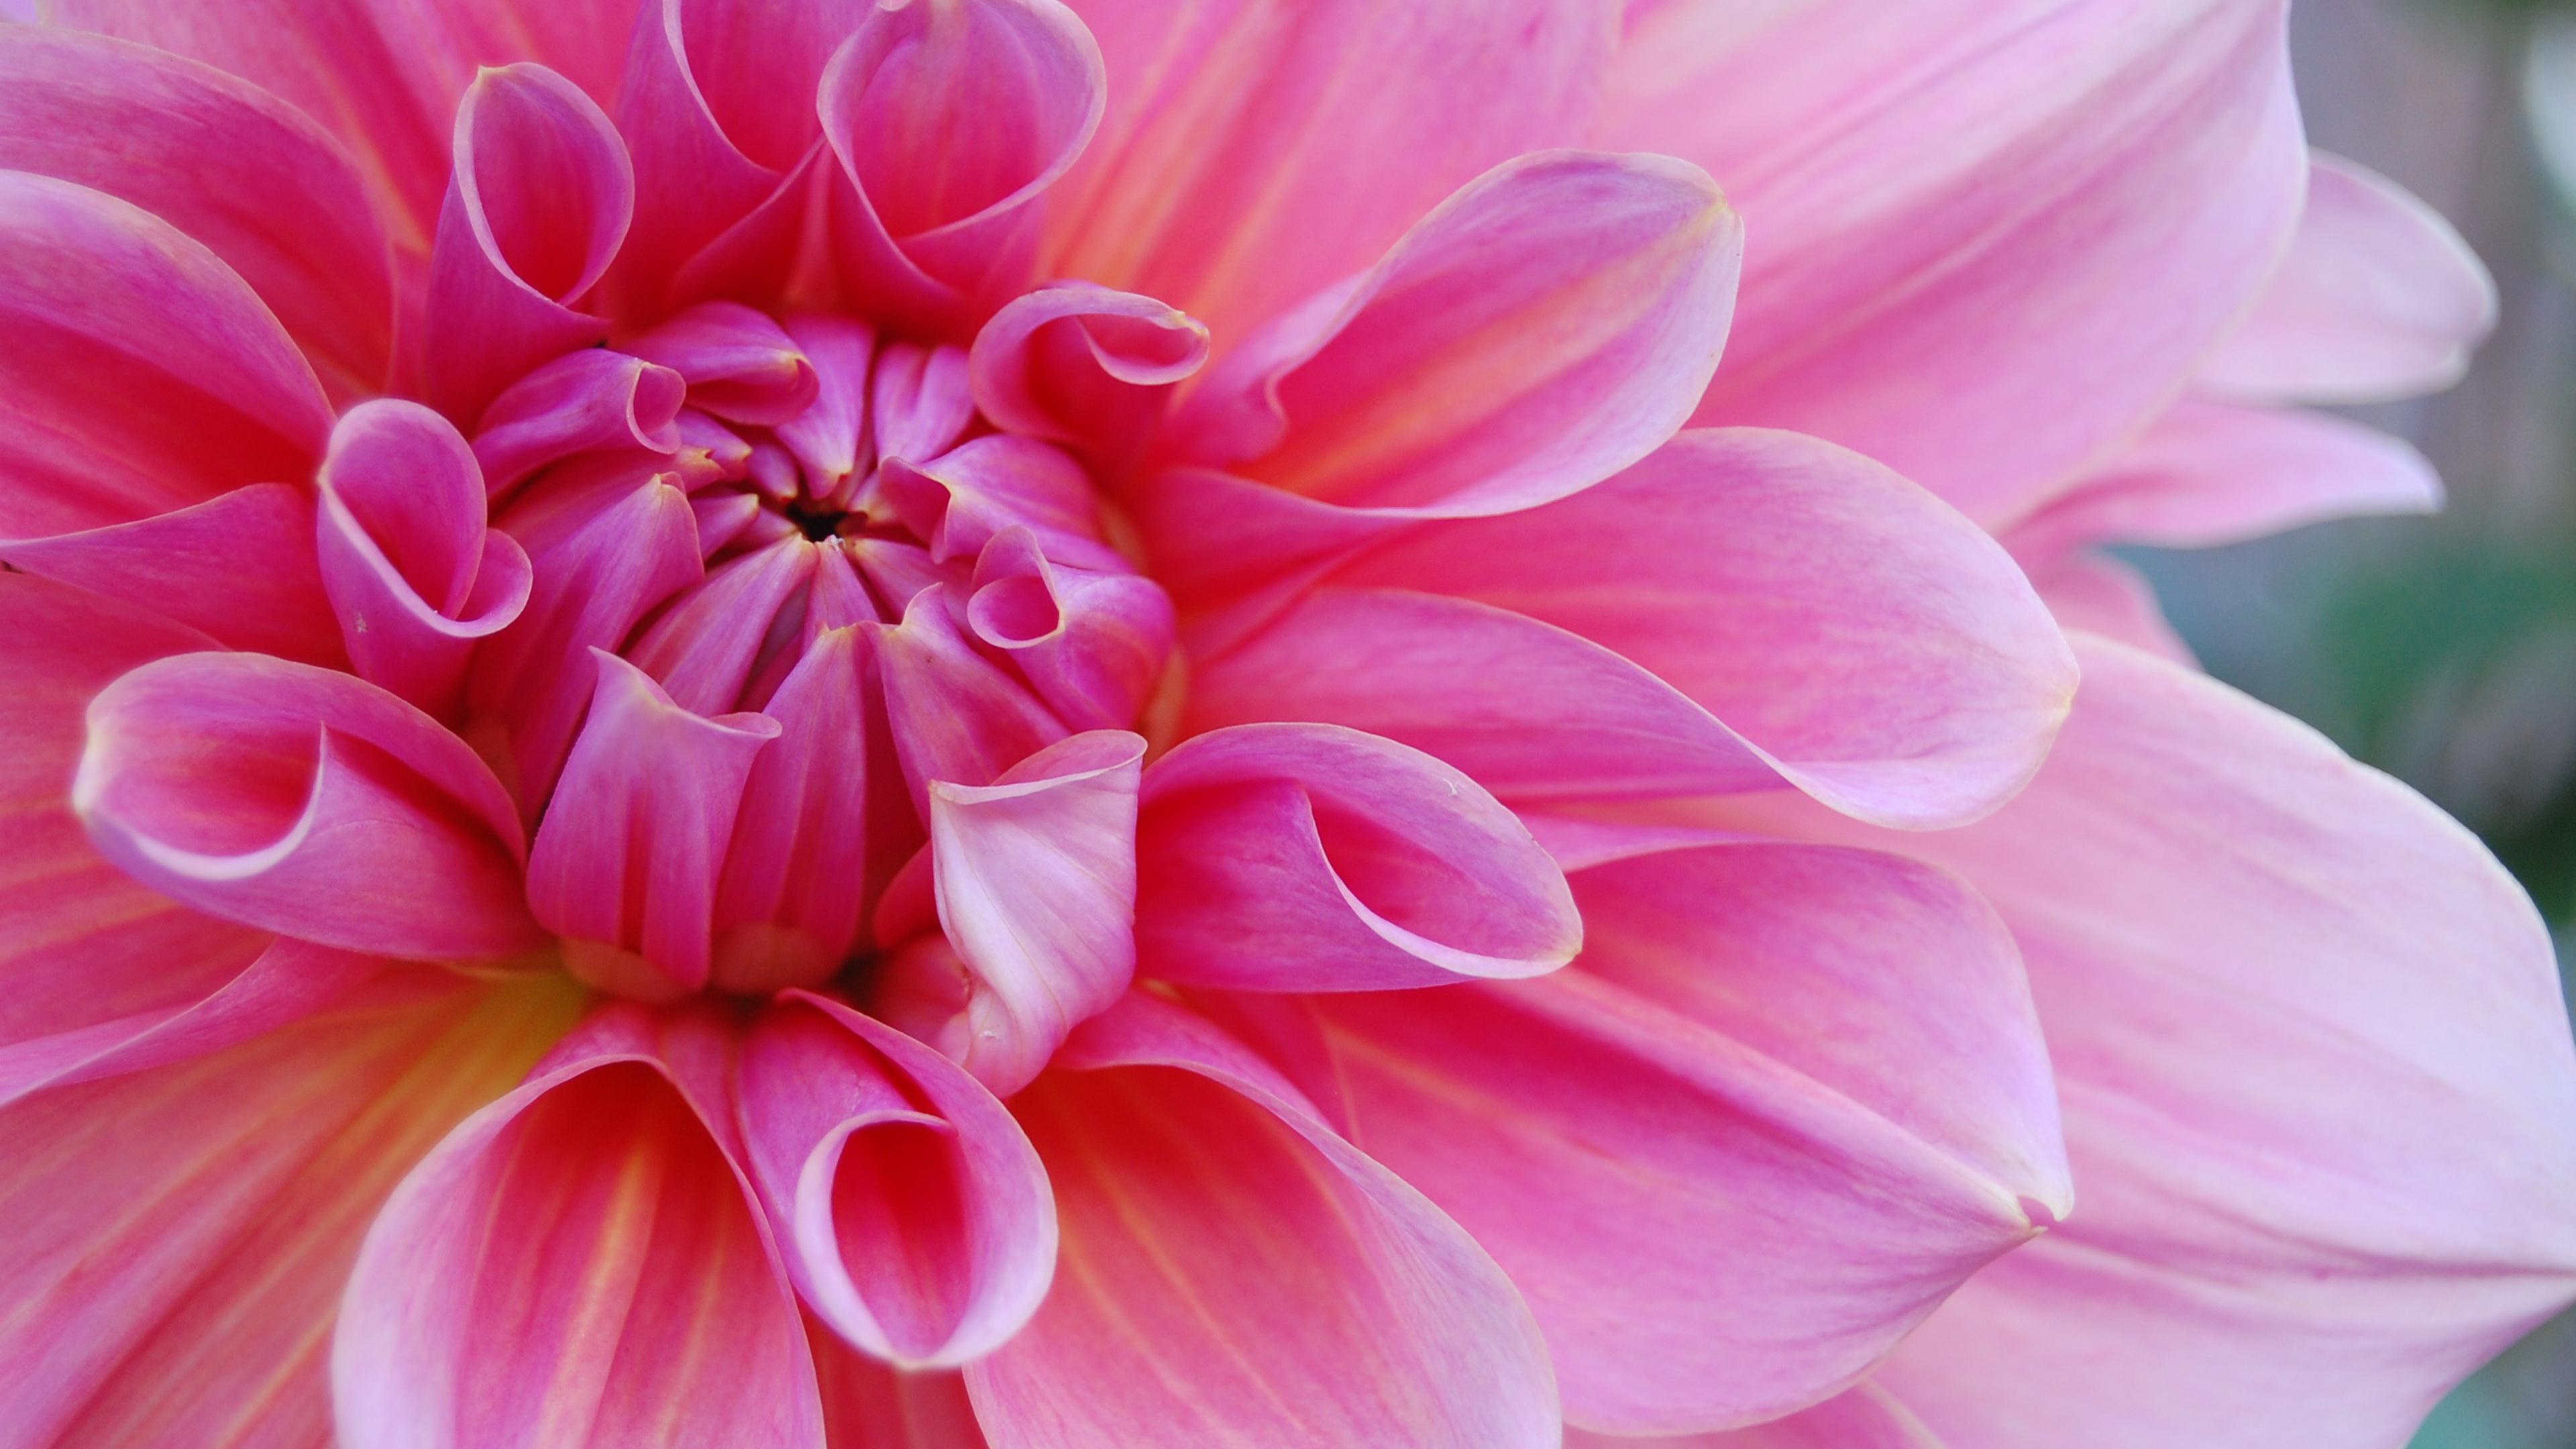 4k Pinkest Flower Wallpaper Hd